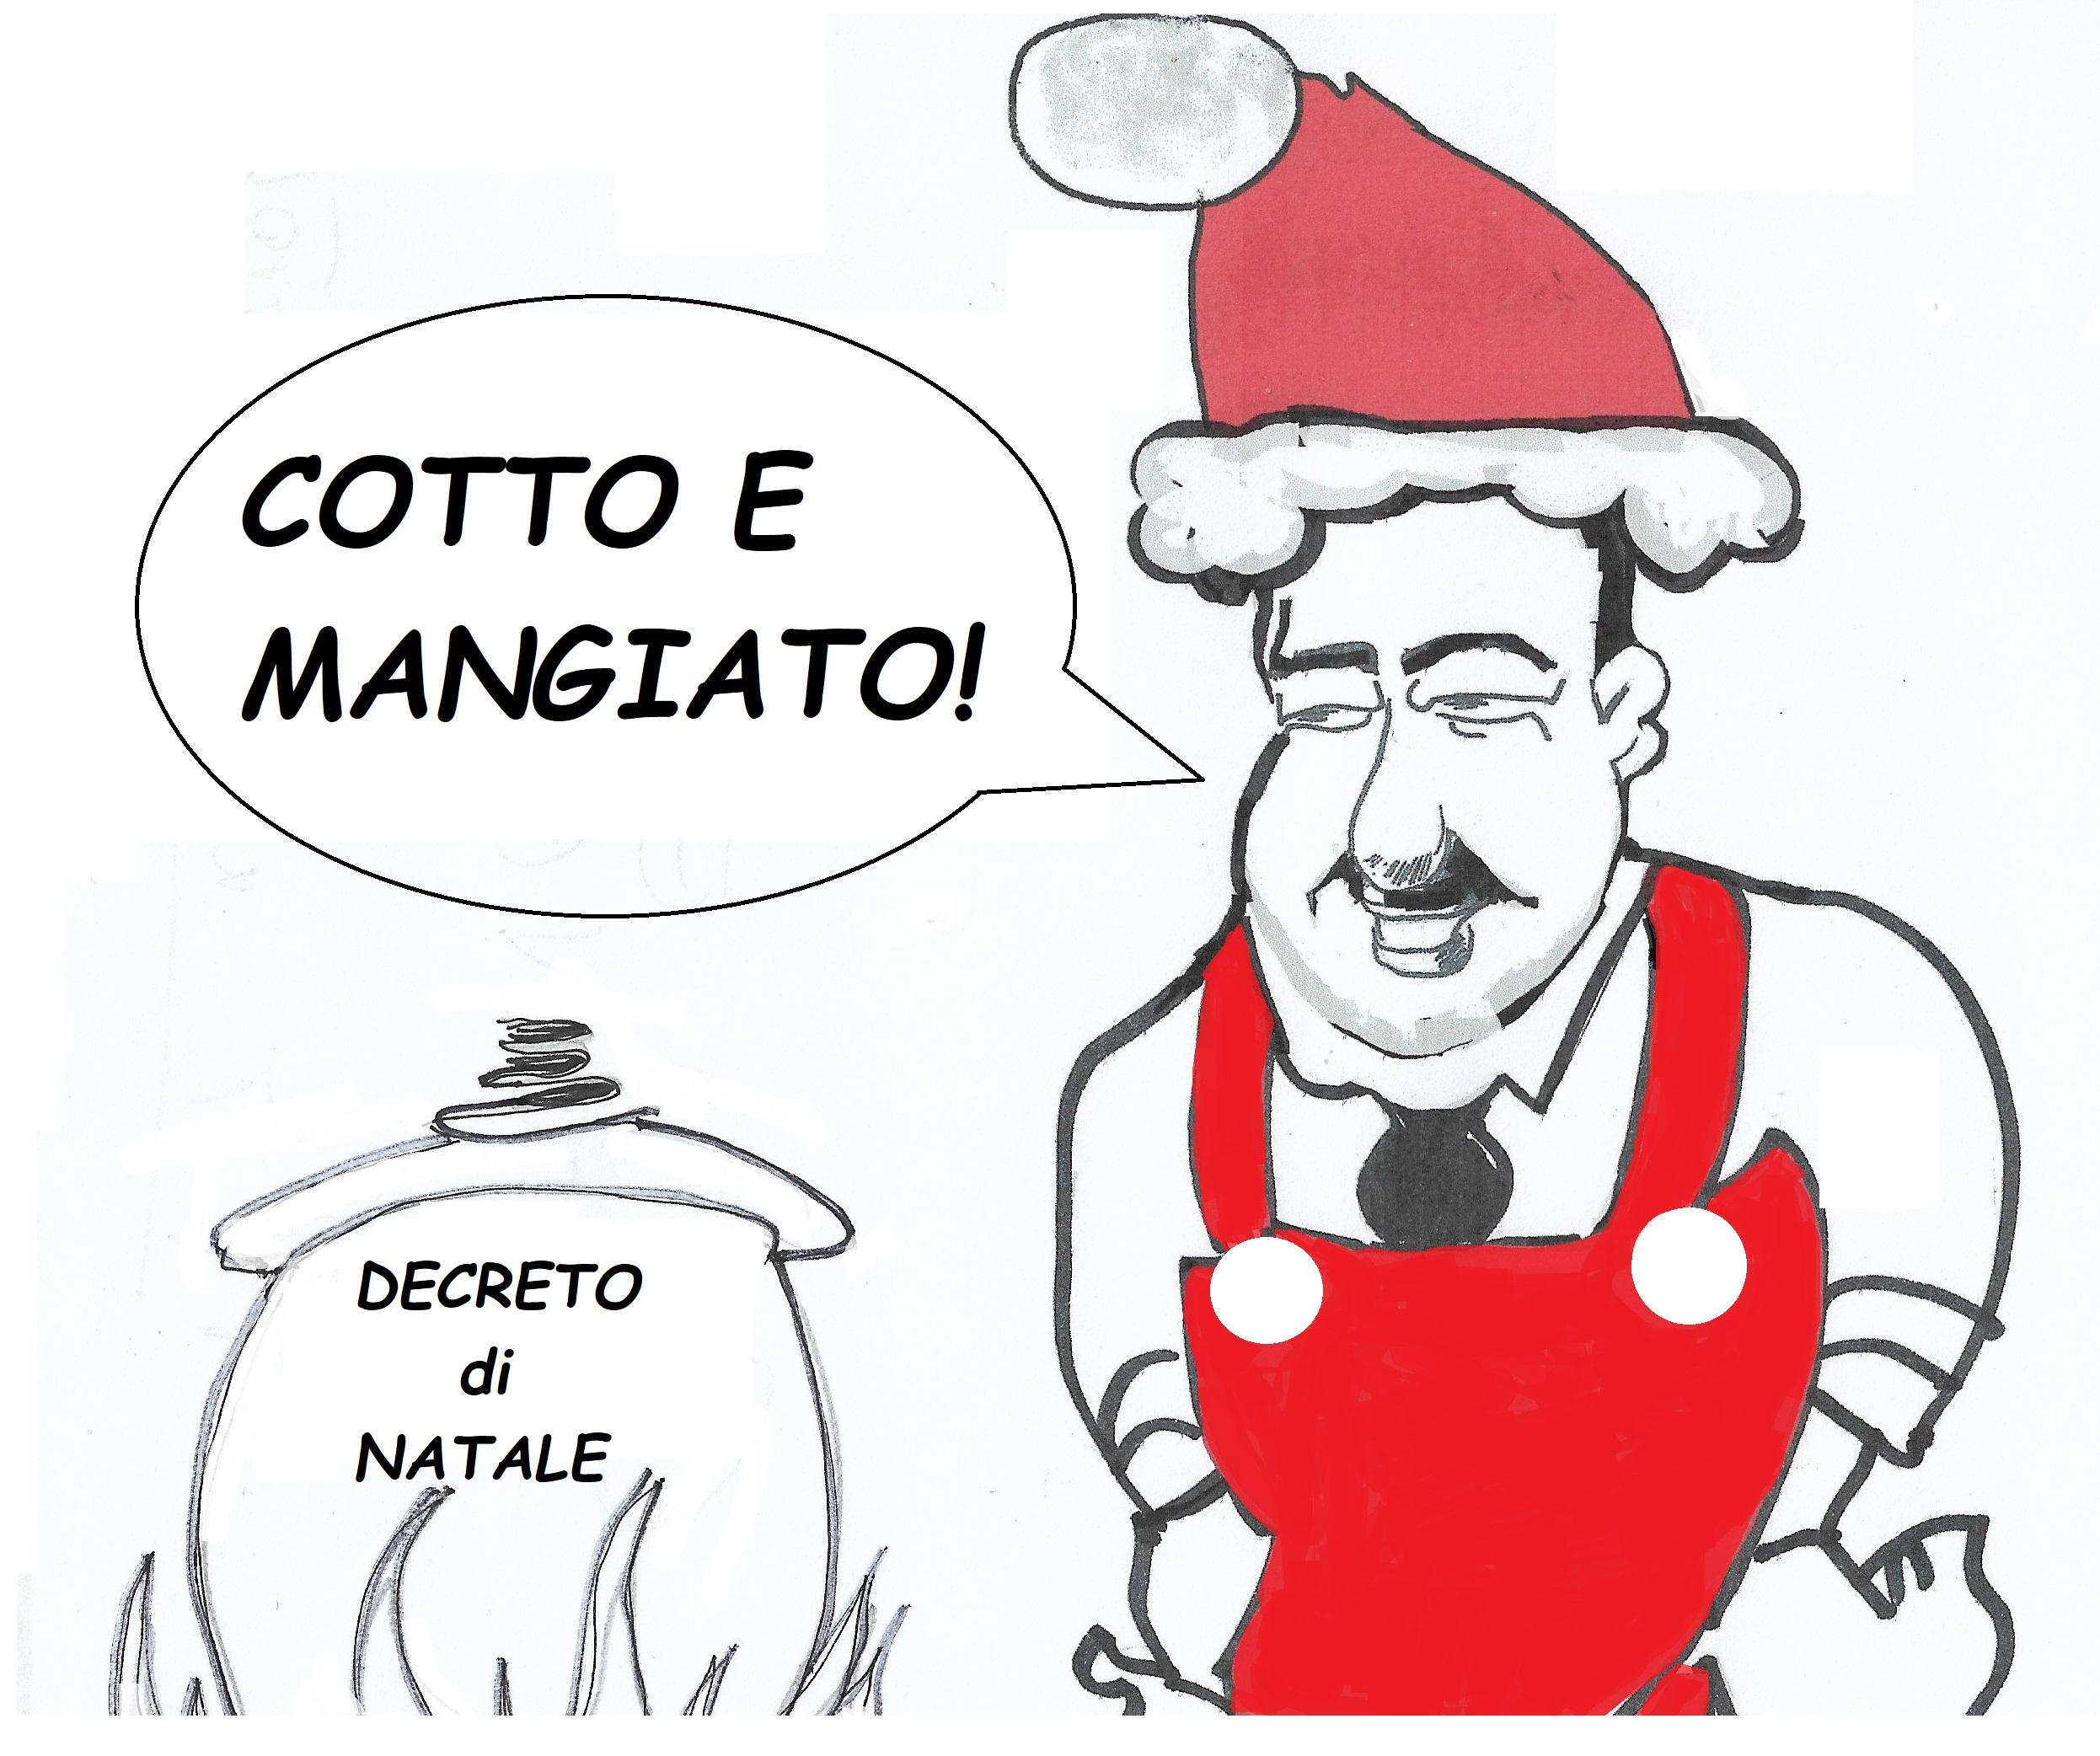 COTTO E MANGIATO!